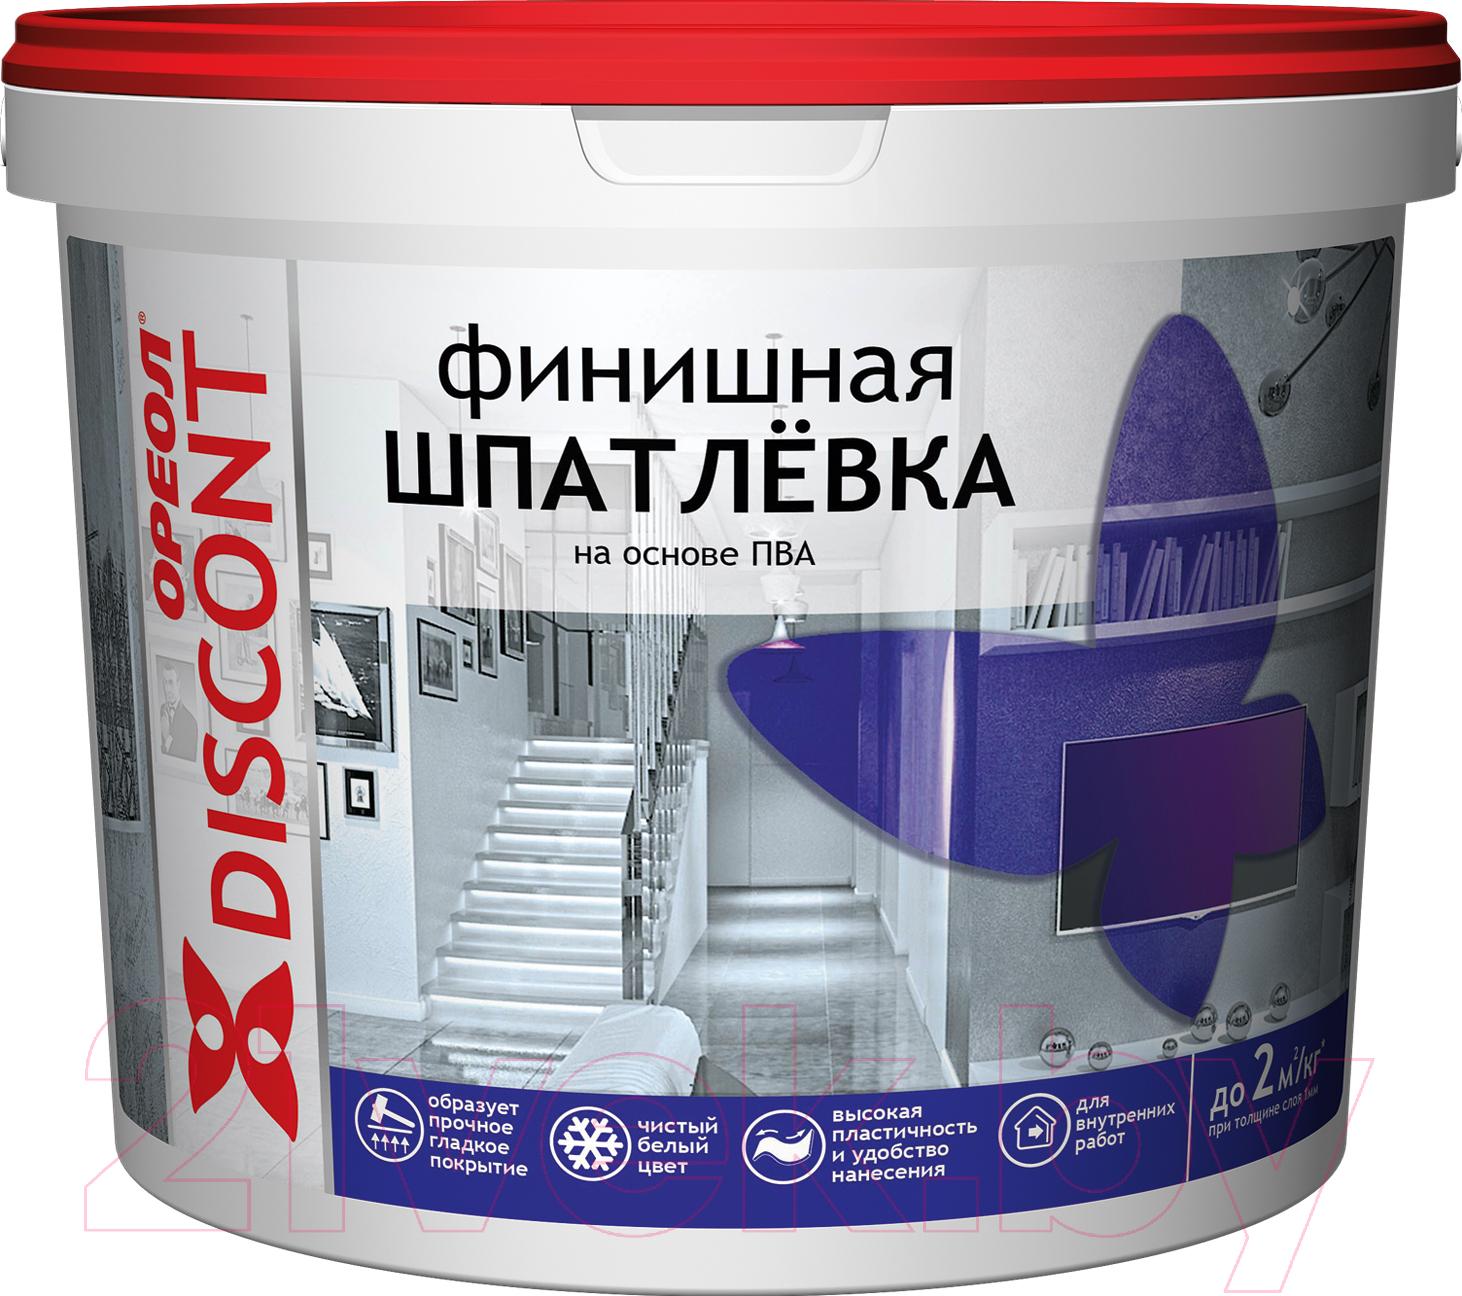 Купить Шпатлевка Ореол, Дисконт на основе ПВА (7кг), Россия